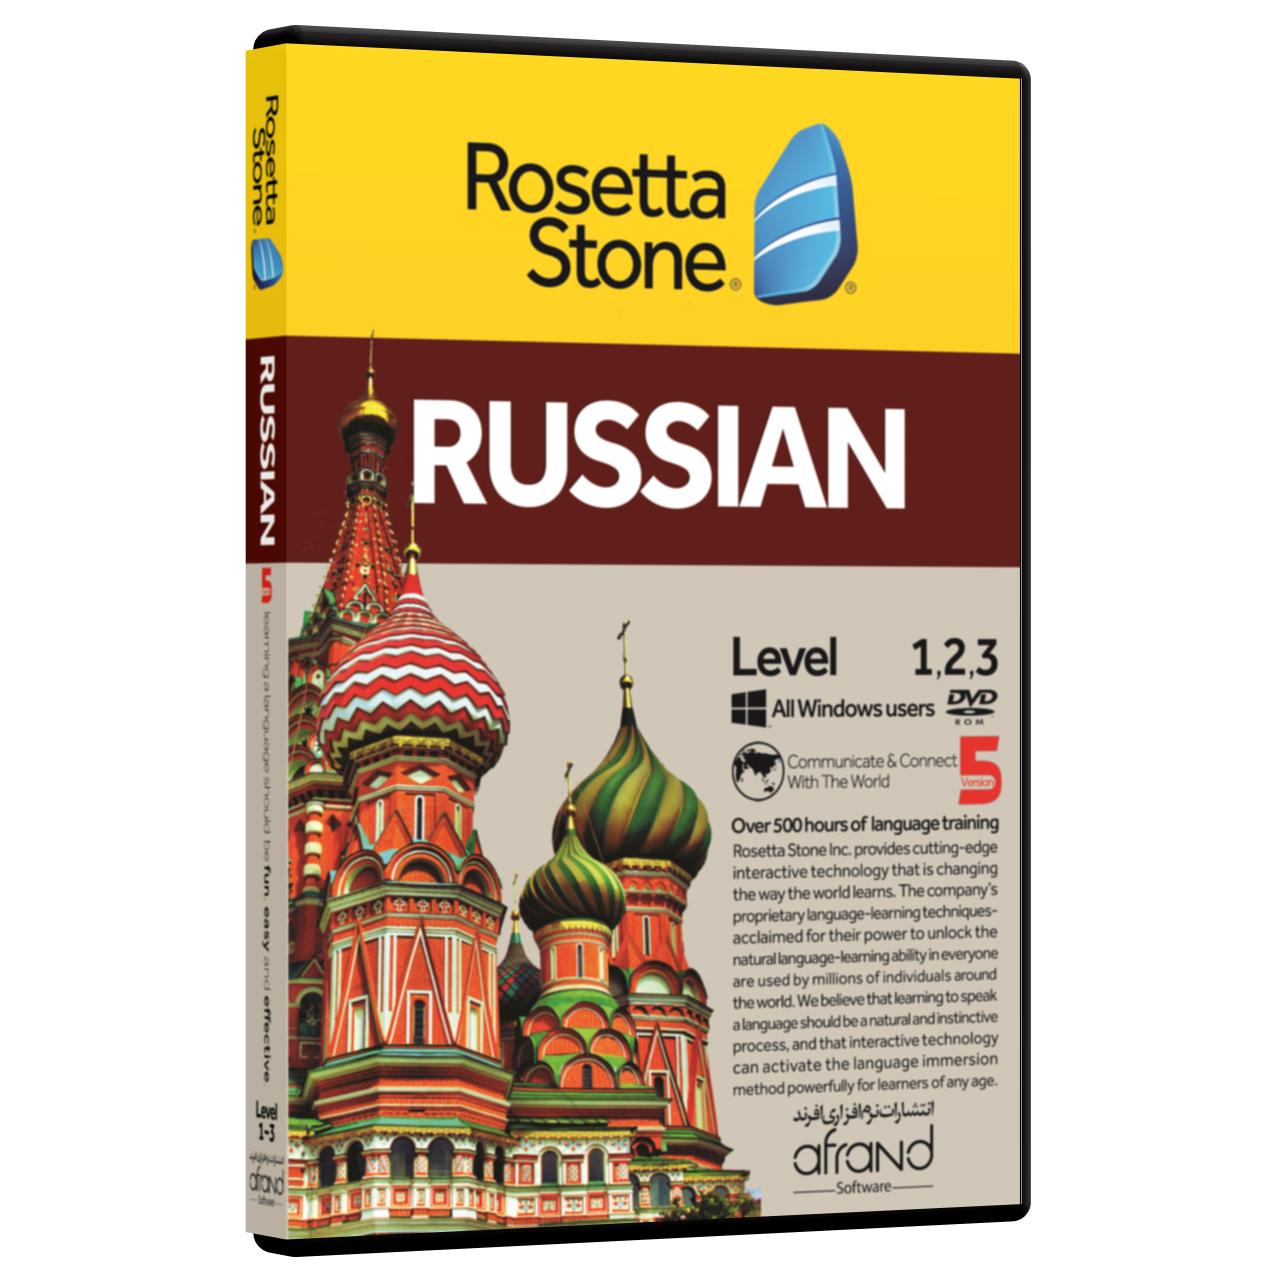 نرم افزار آموزش زبان روسی رزتااستون نسخه 5 انتشارات نرم افزاری افرند